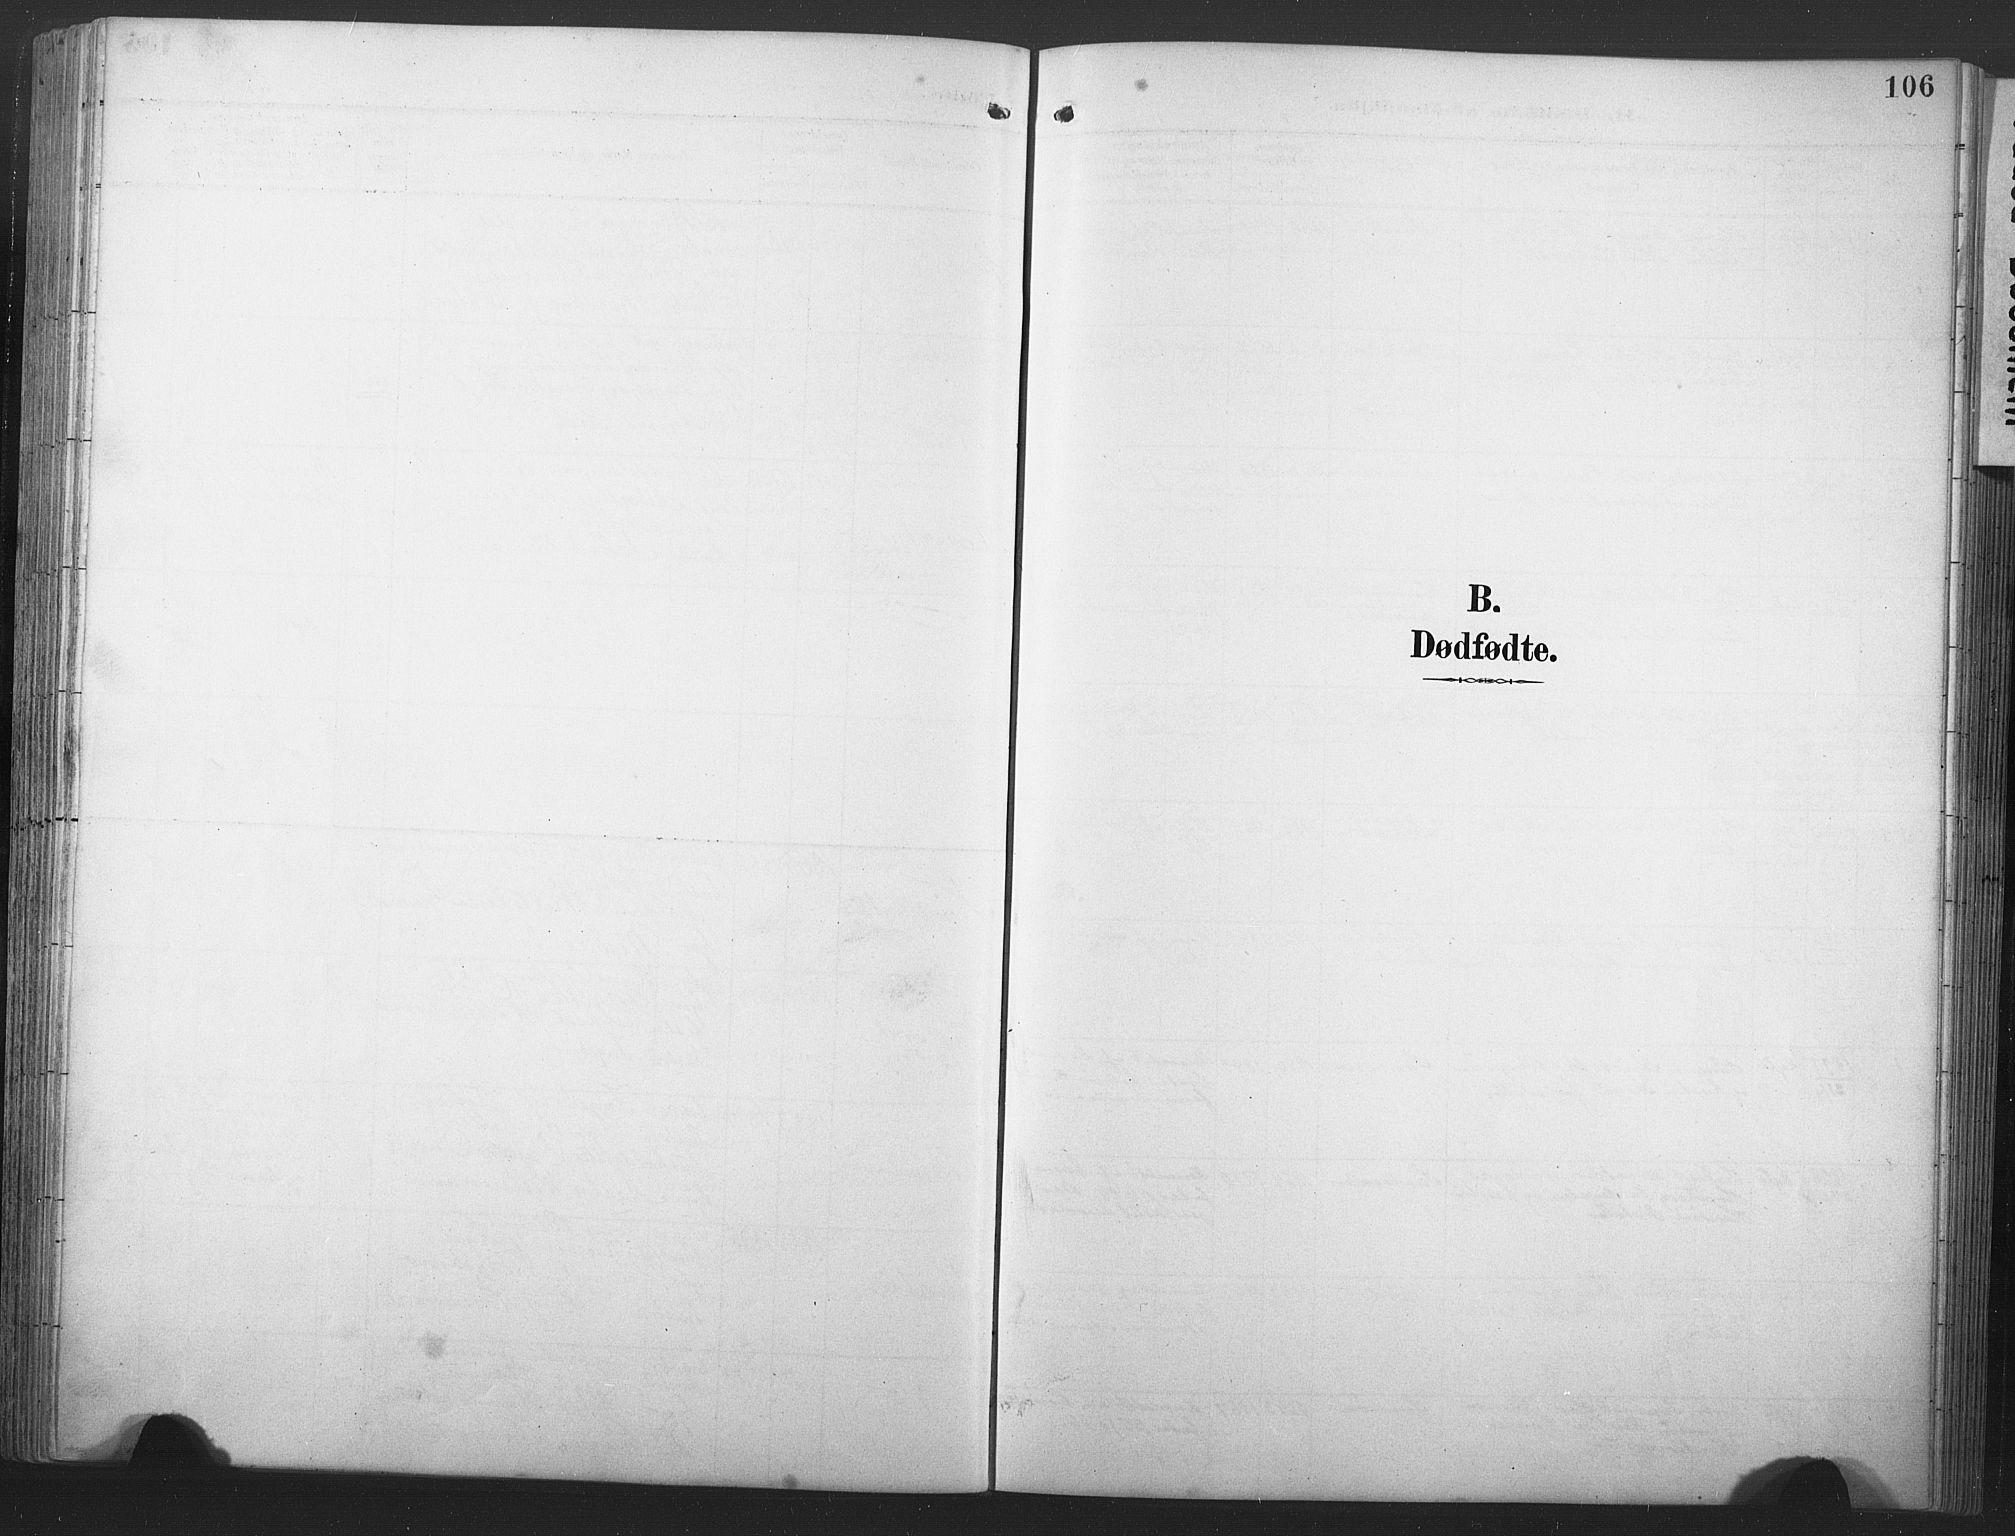 SAT, Ministerialprotokoller, klokkerbøker og fødselsregistre - Nord-Trøndelag, 789/L0706: Klokkerbok nr. 789C01, 1888-1931, s. 106